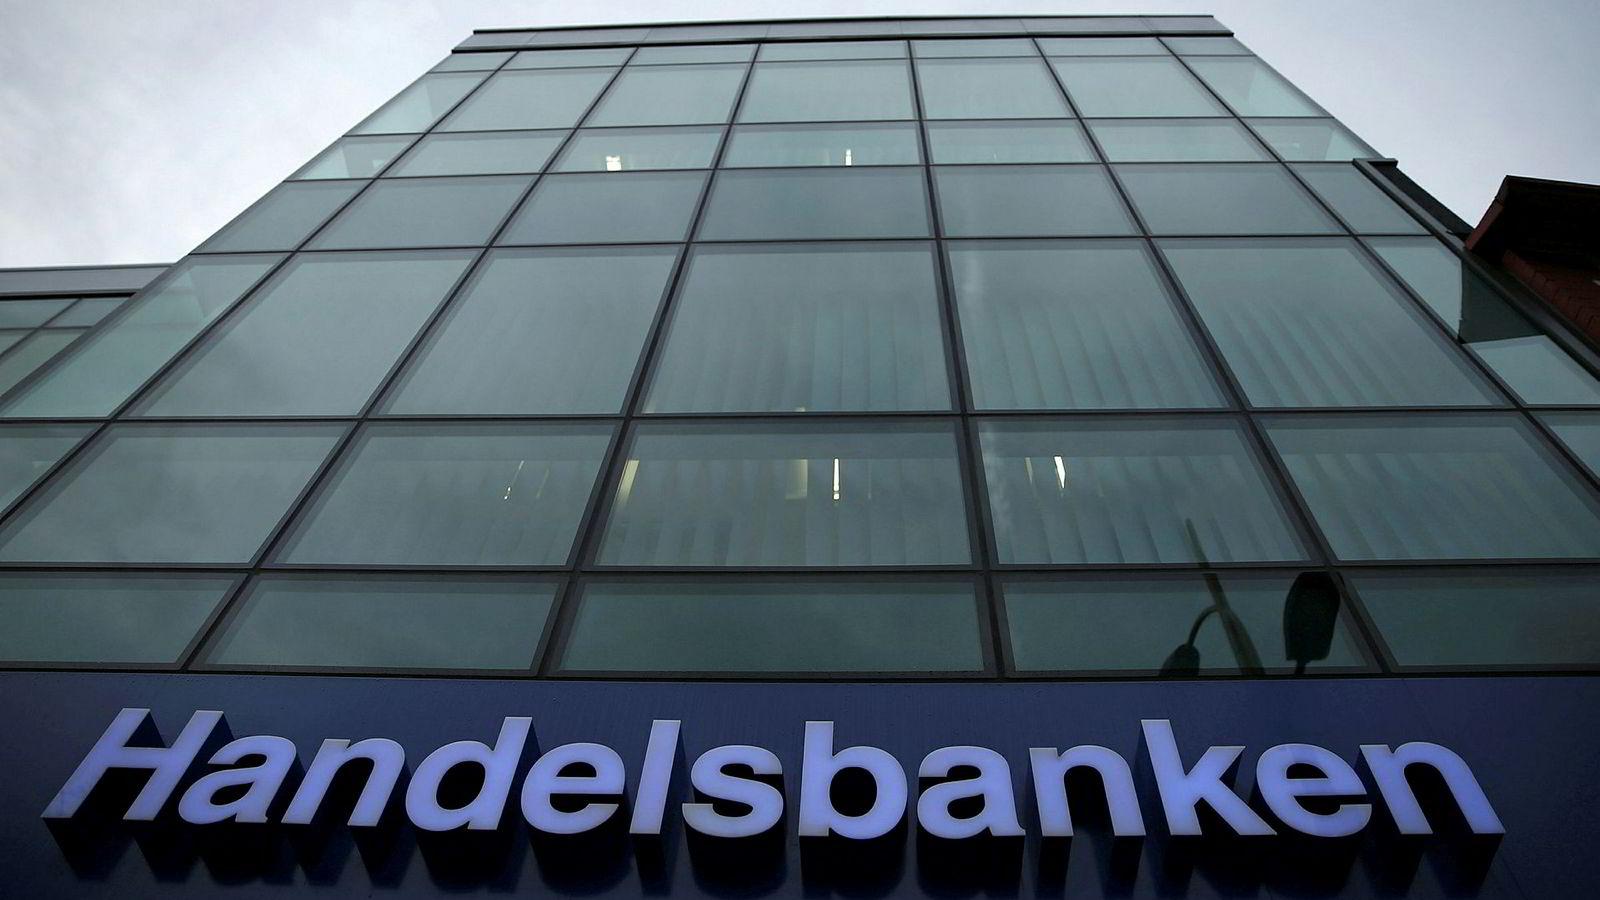 Handelsbanken har mistet flest kvinnelige toppledere det siste året. Der var hver tredje i ledergruppen kvinne i fjor, men i dag er administrerende direktør Carina Åkerström alene kvinne tilbake i toppen.